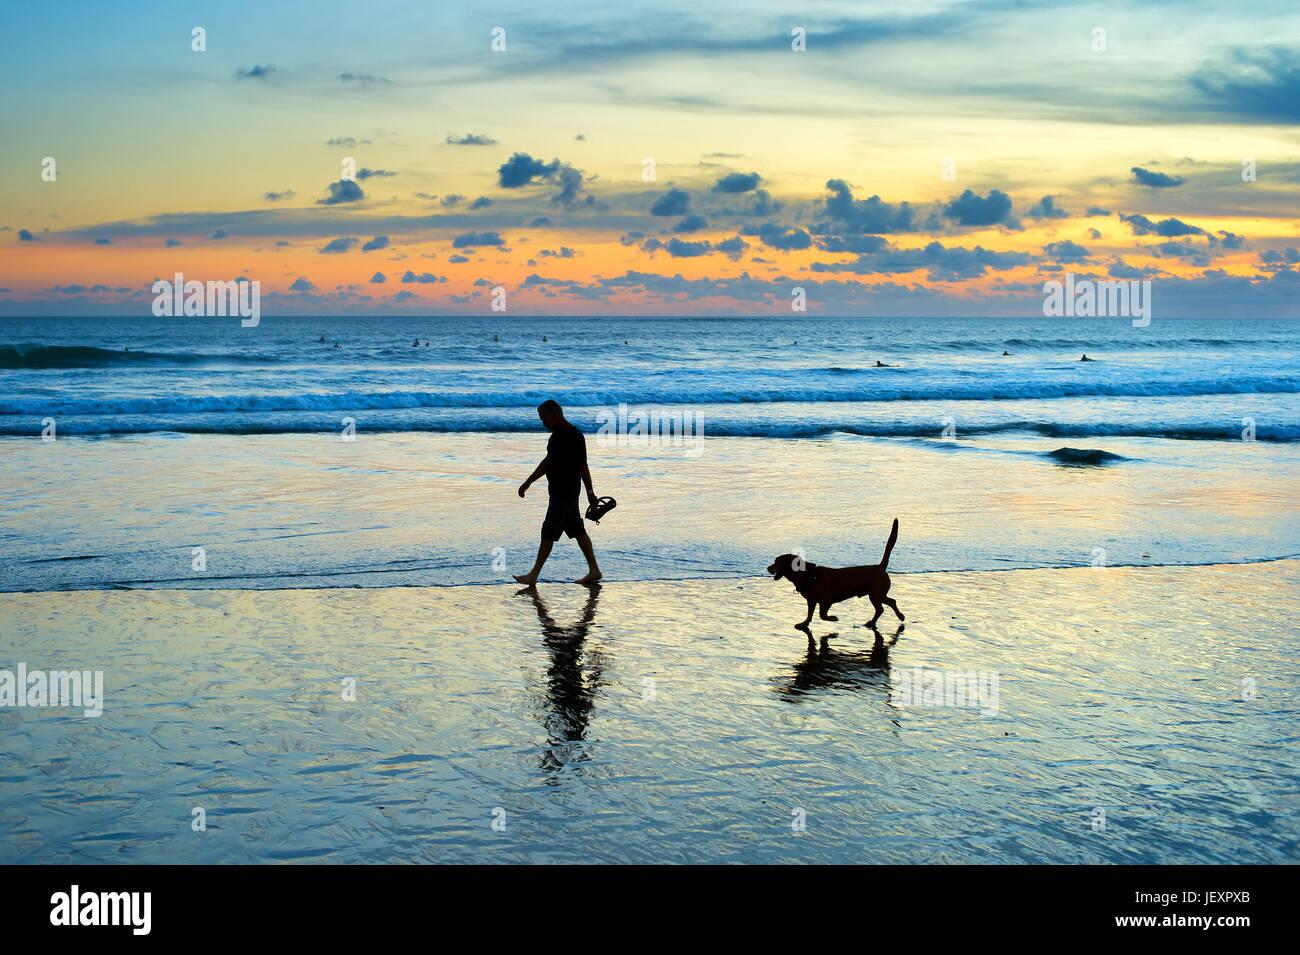 Silhouette di uomo e cane a camminare su una spiaggia al tramonto. Isola di Bali, Indonesia Immagini Stock